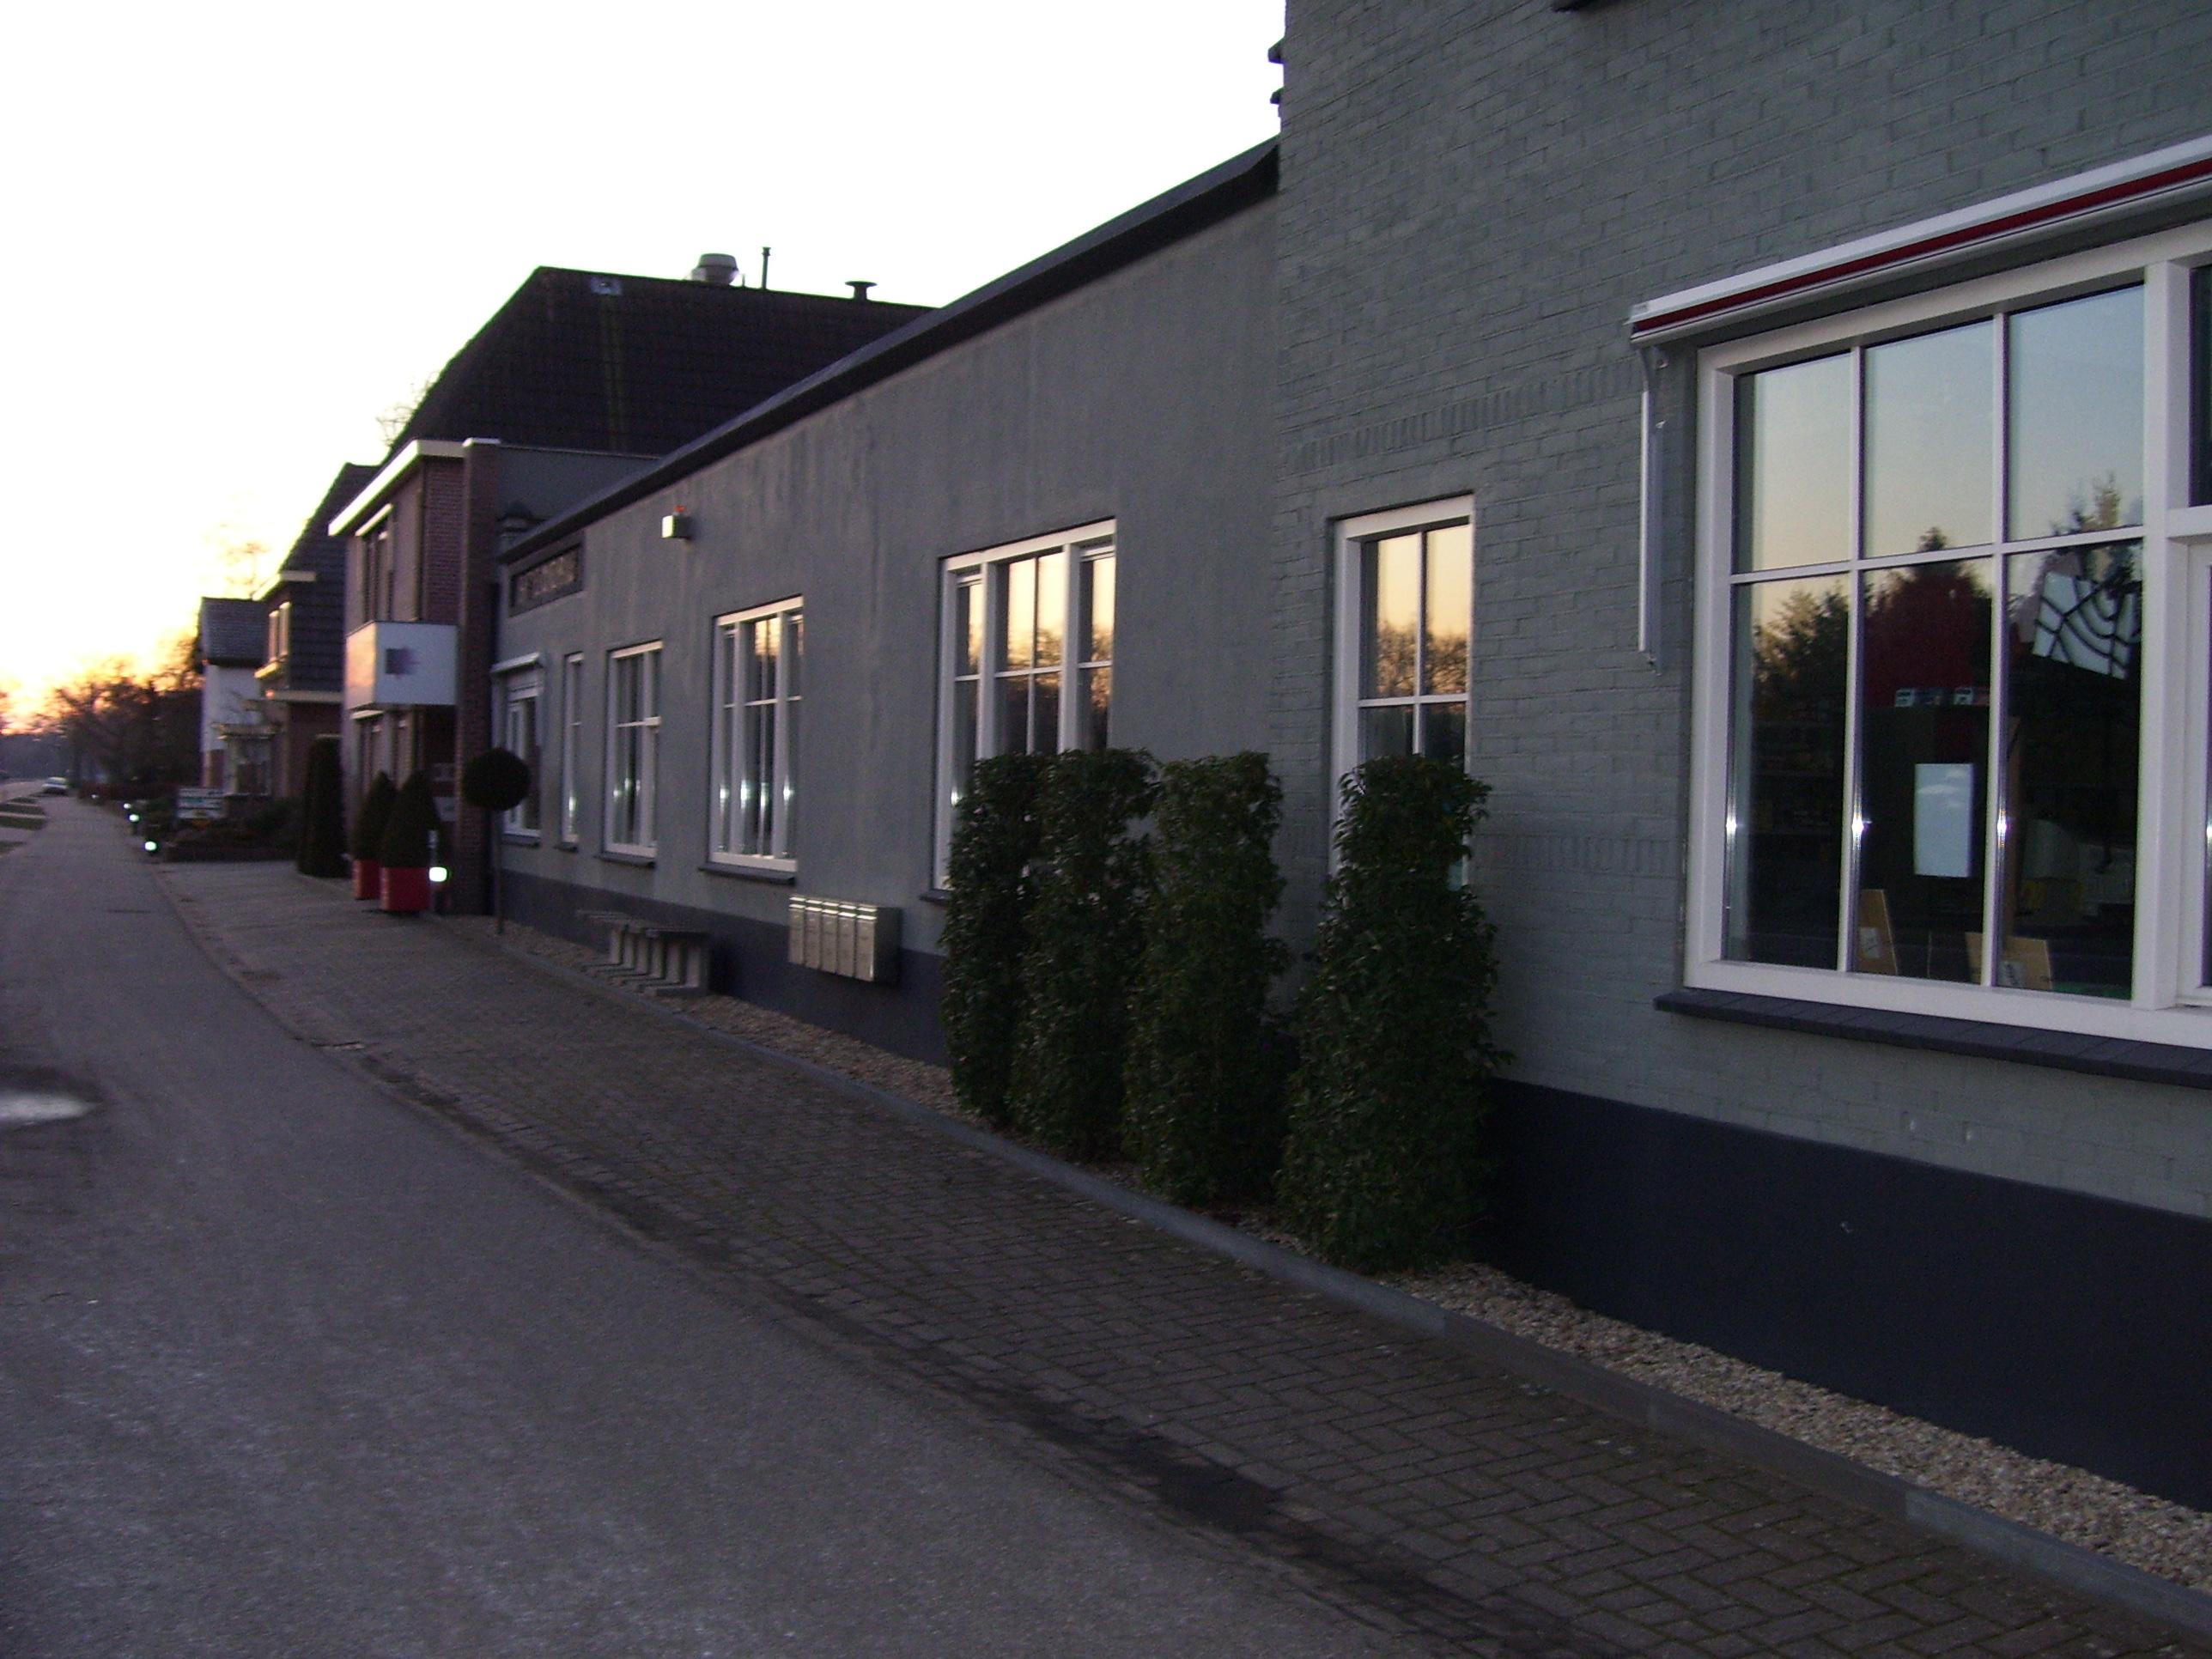 Bedrijfsruimte Apeldoorn meerdere locaties (Loenen, Apeldoorn,Lieren) 1-199